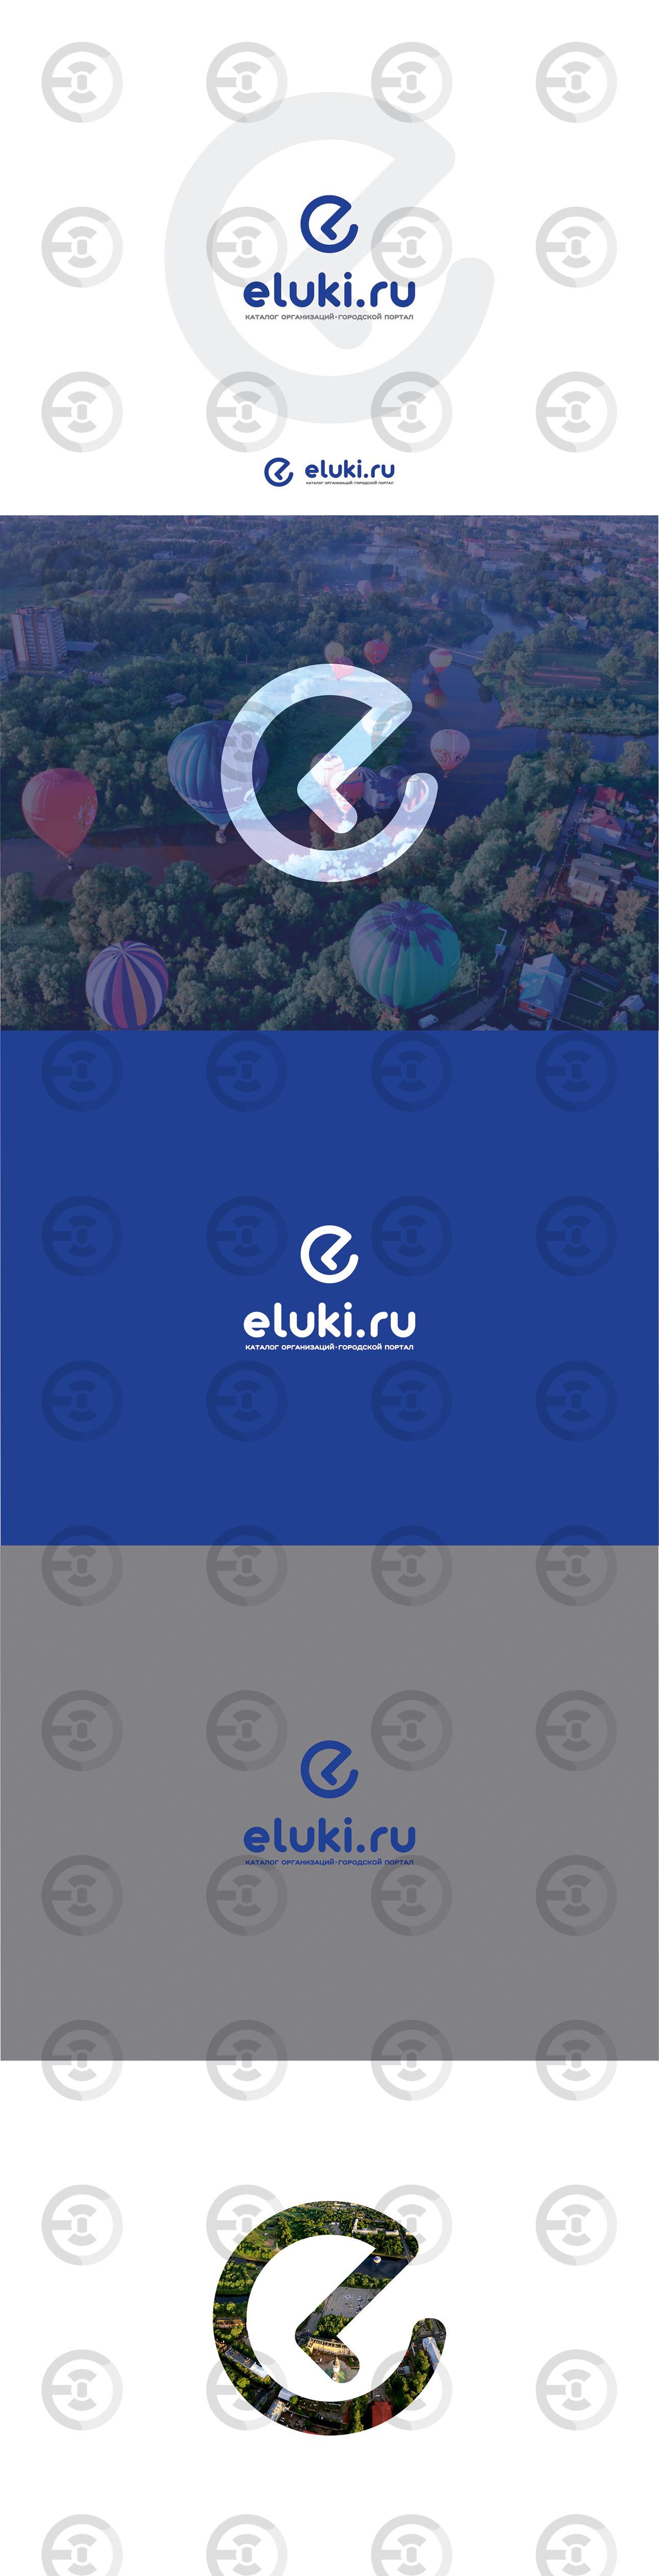 Eluki.ru.jpg